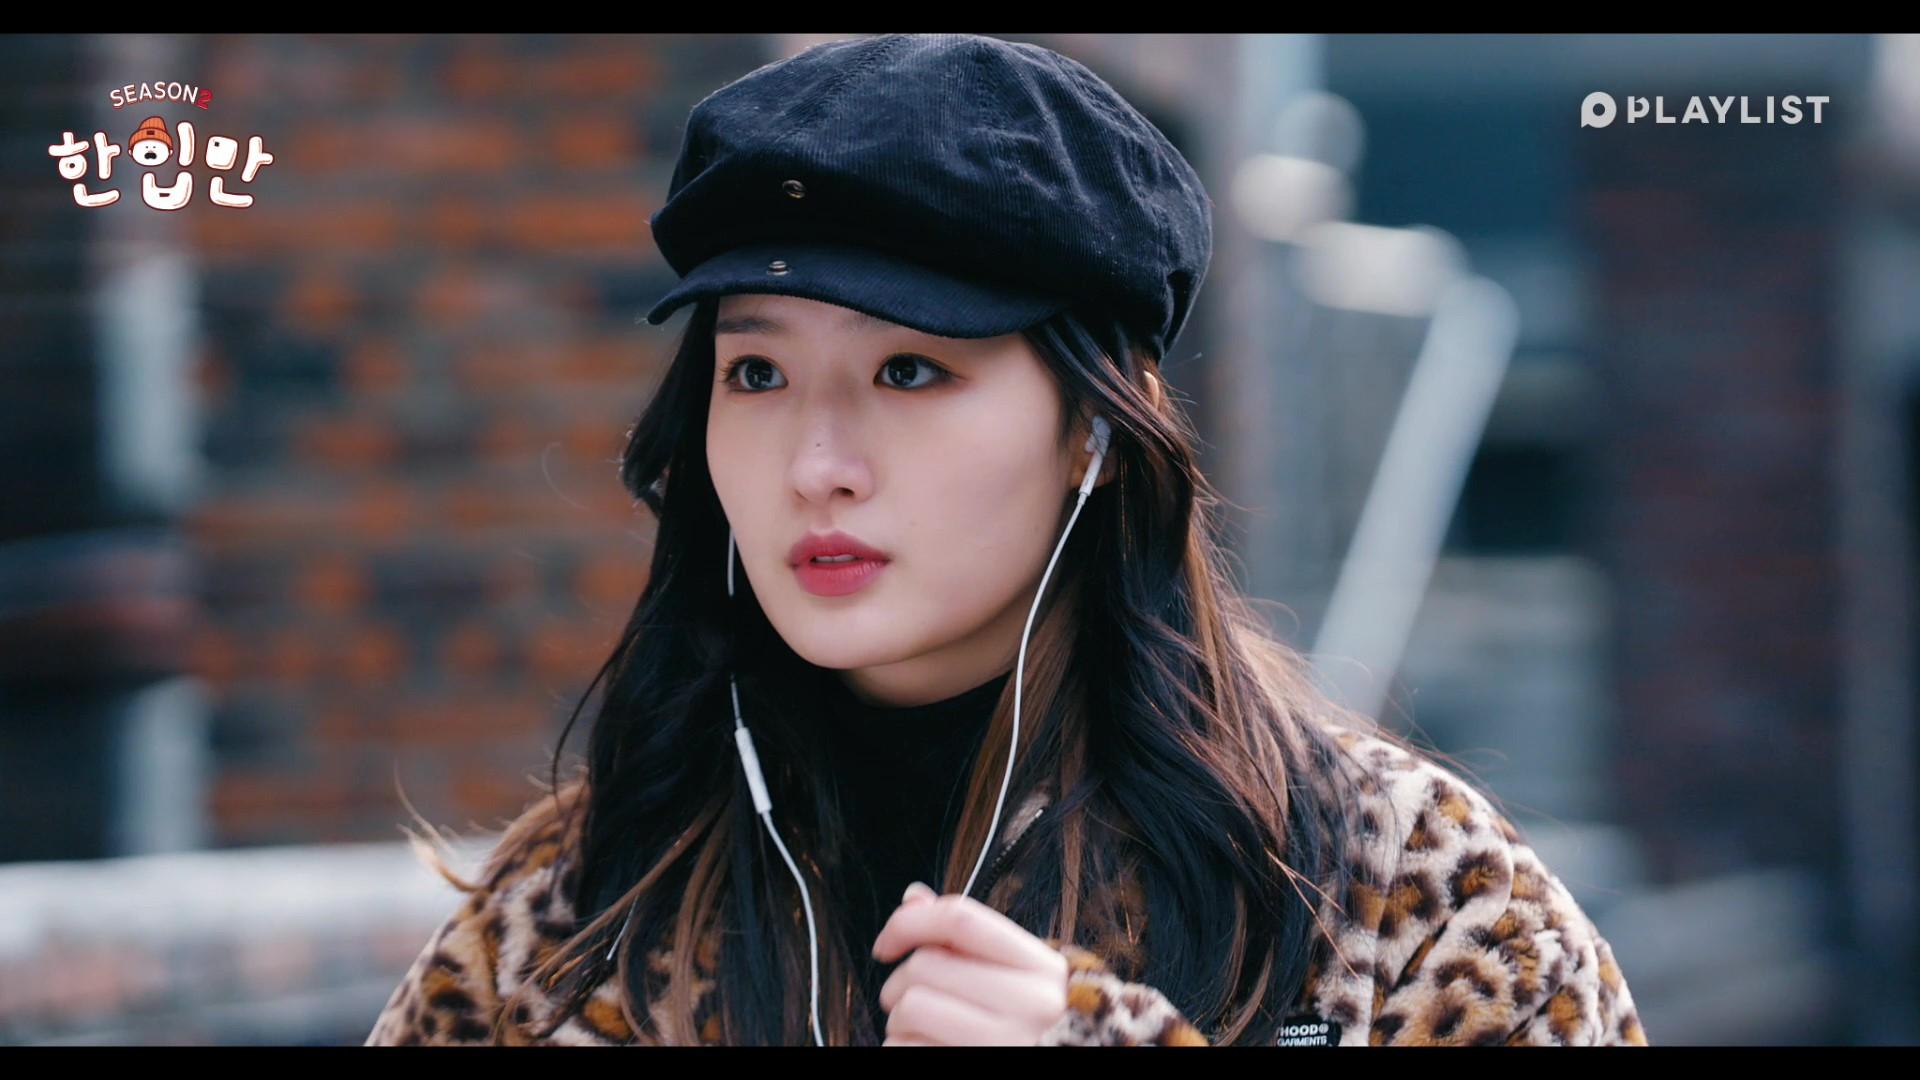 썸남이랑 헤어진 진짜 이유는? [한입만 시즌2] - EP.02 하이라이트